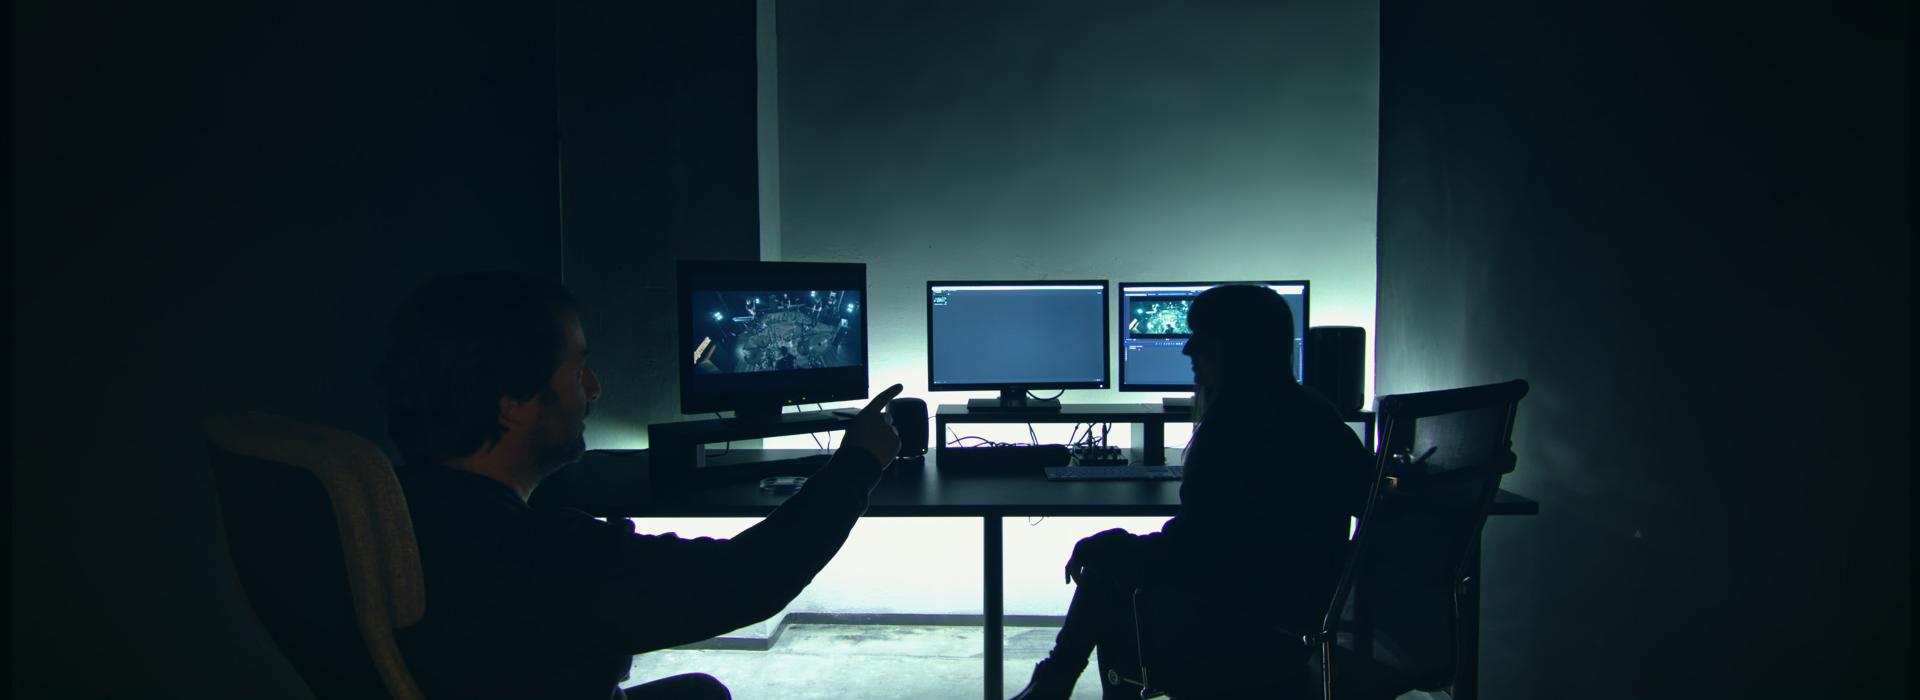 Estudio eventos audiovisual en Ruzafa, Valencia NOLICH postproducción color grading